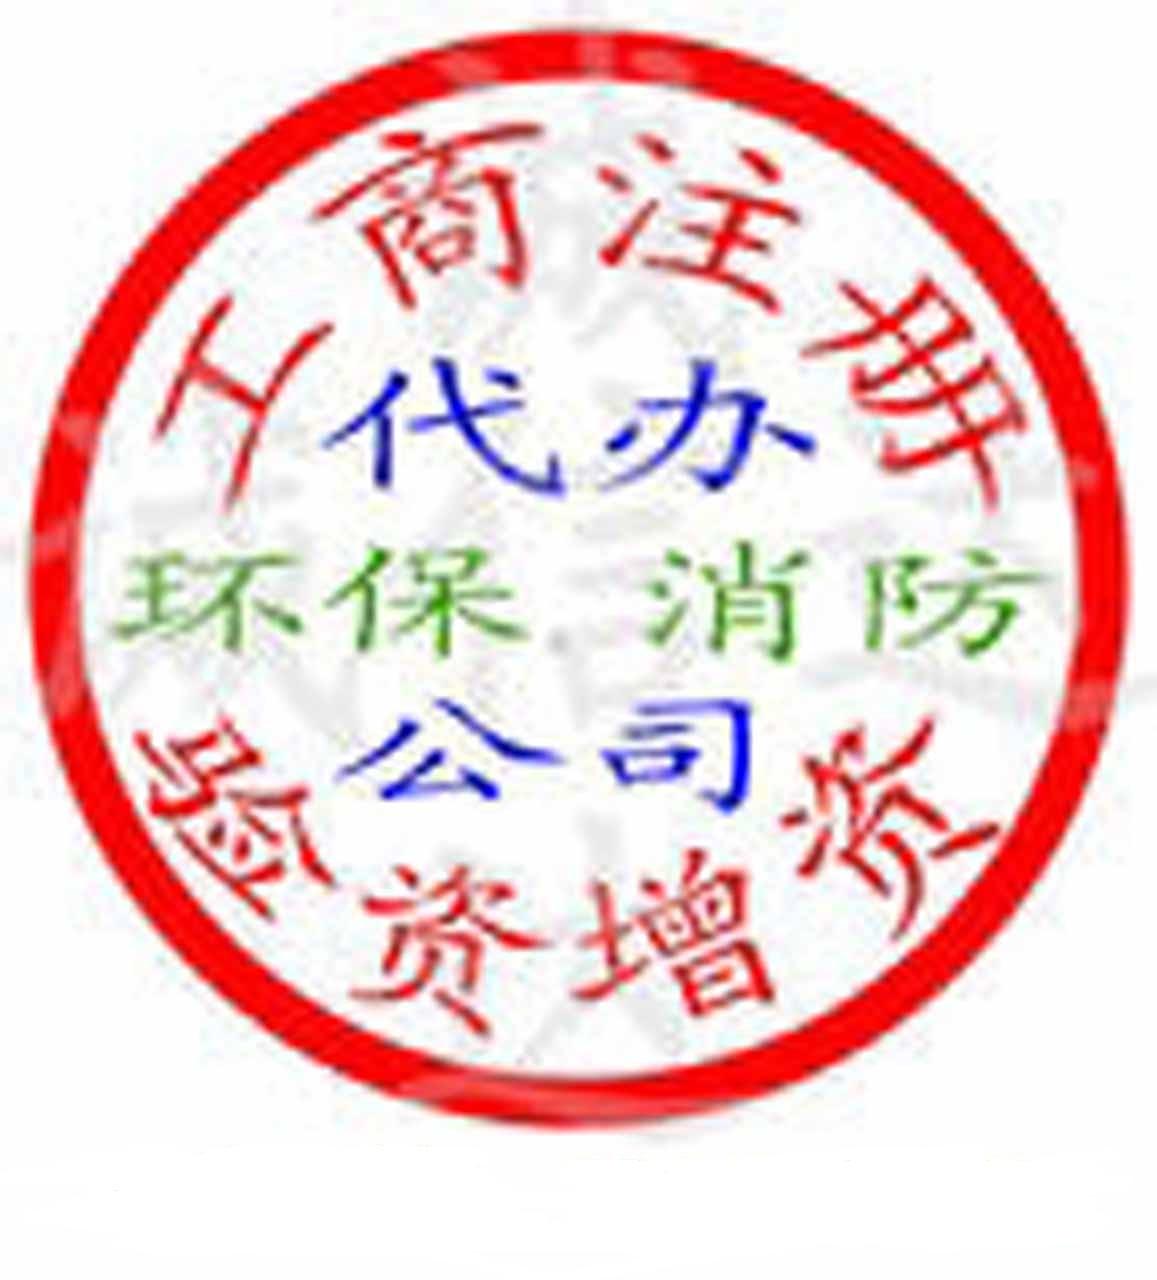 惠州市工商注册变更注销,惠州市办理税务注销变更,办理消防环保